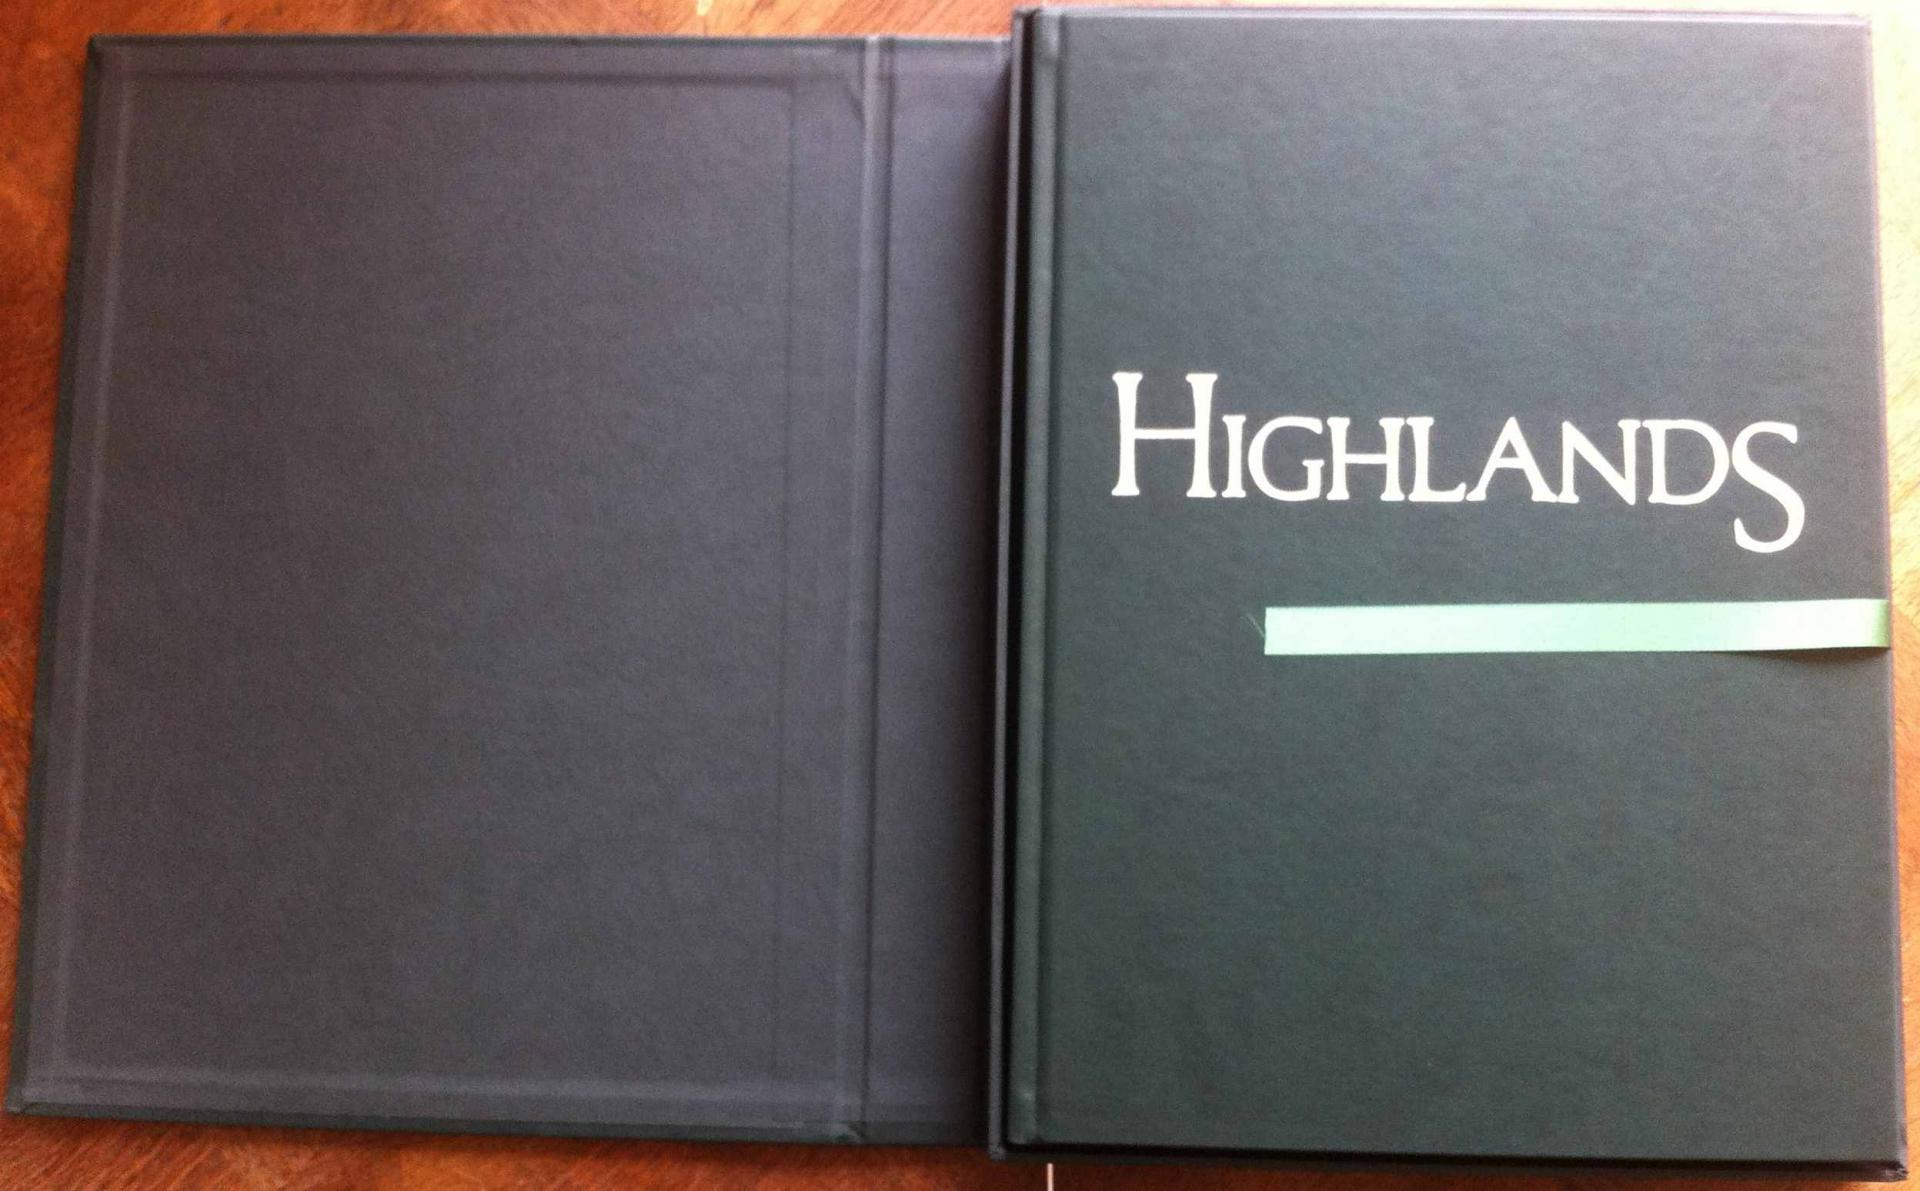 Highlands coffret de luxe avec tirage de tete